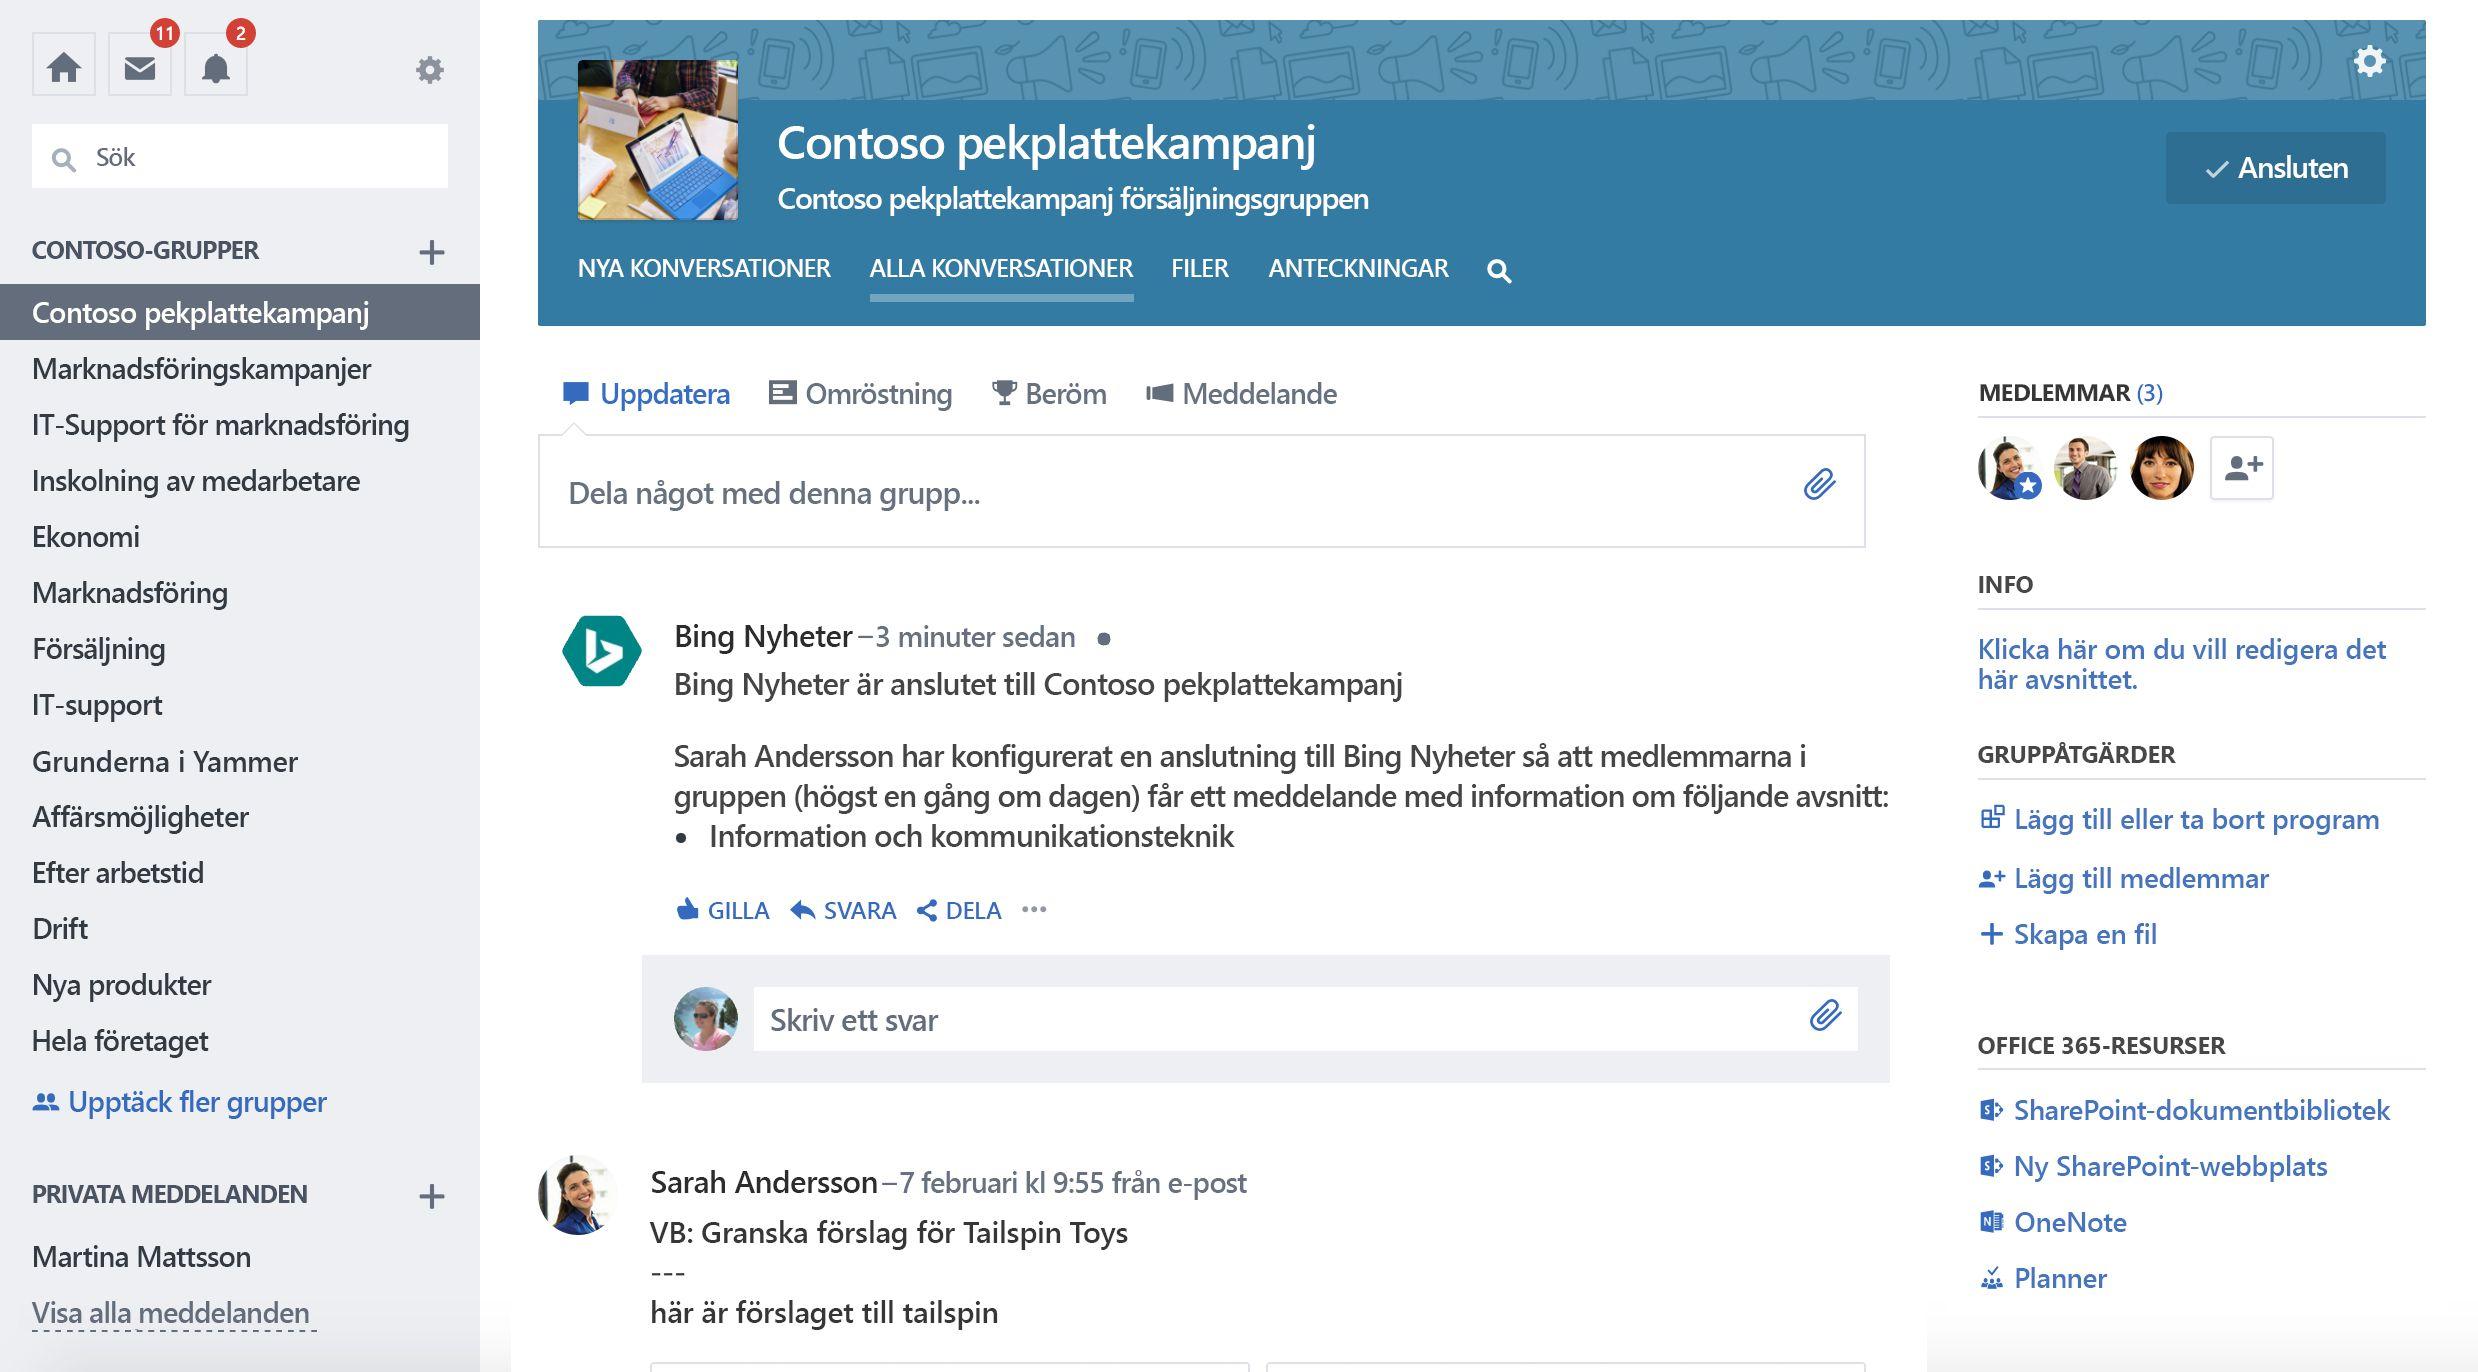 Skärmbild av Office 365 ansluten Yammer-grupp med ny anslutning